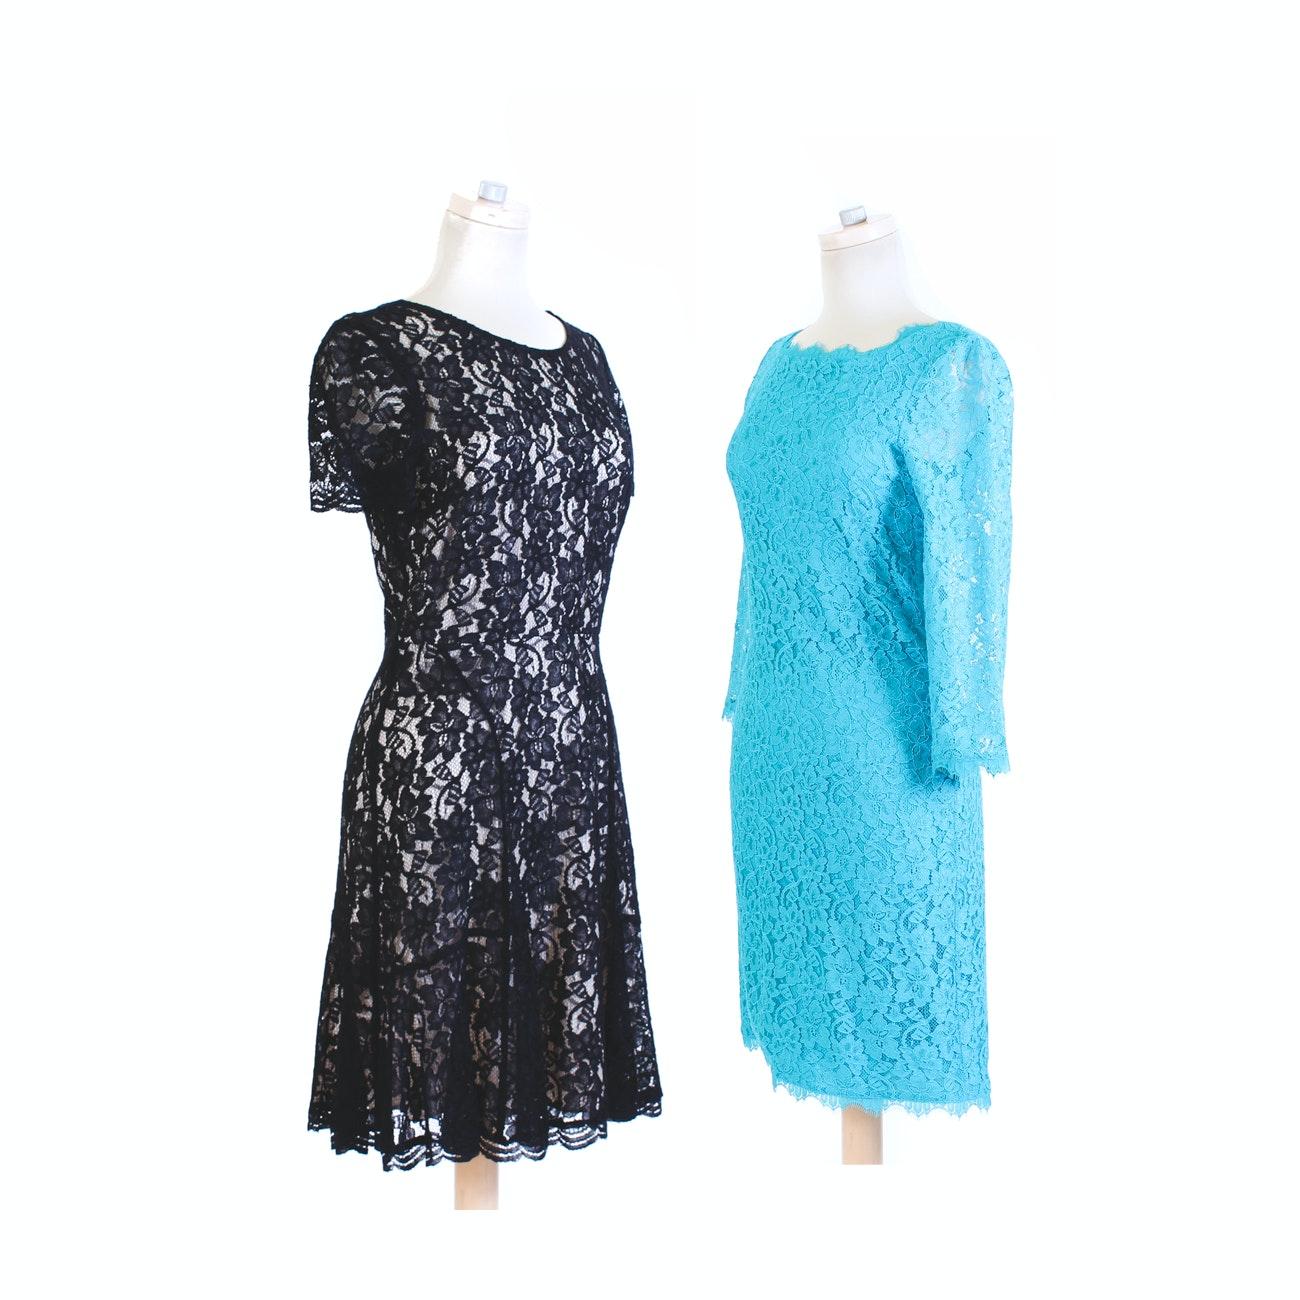 Diane von Furstenberg Lace Dresses